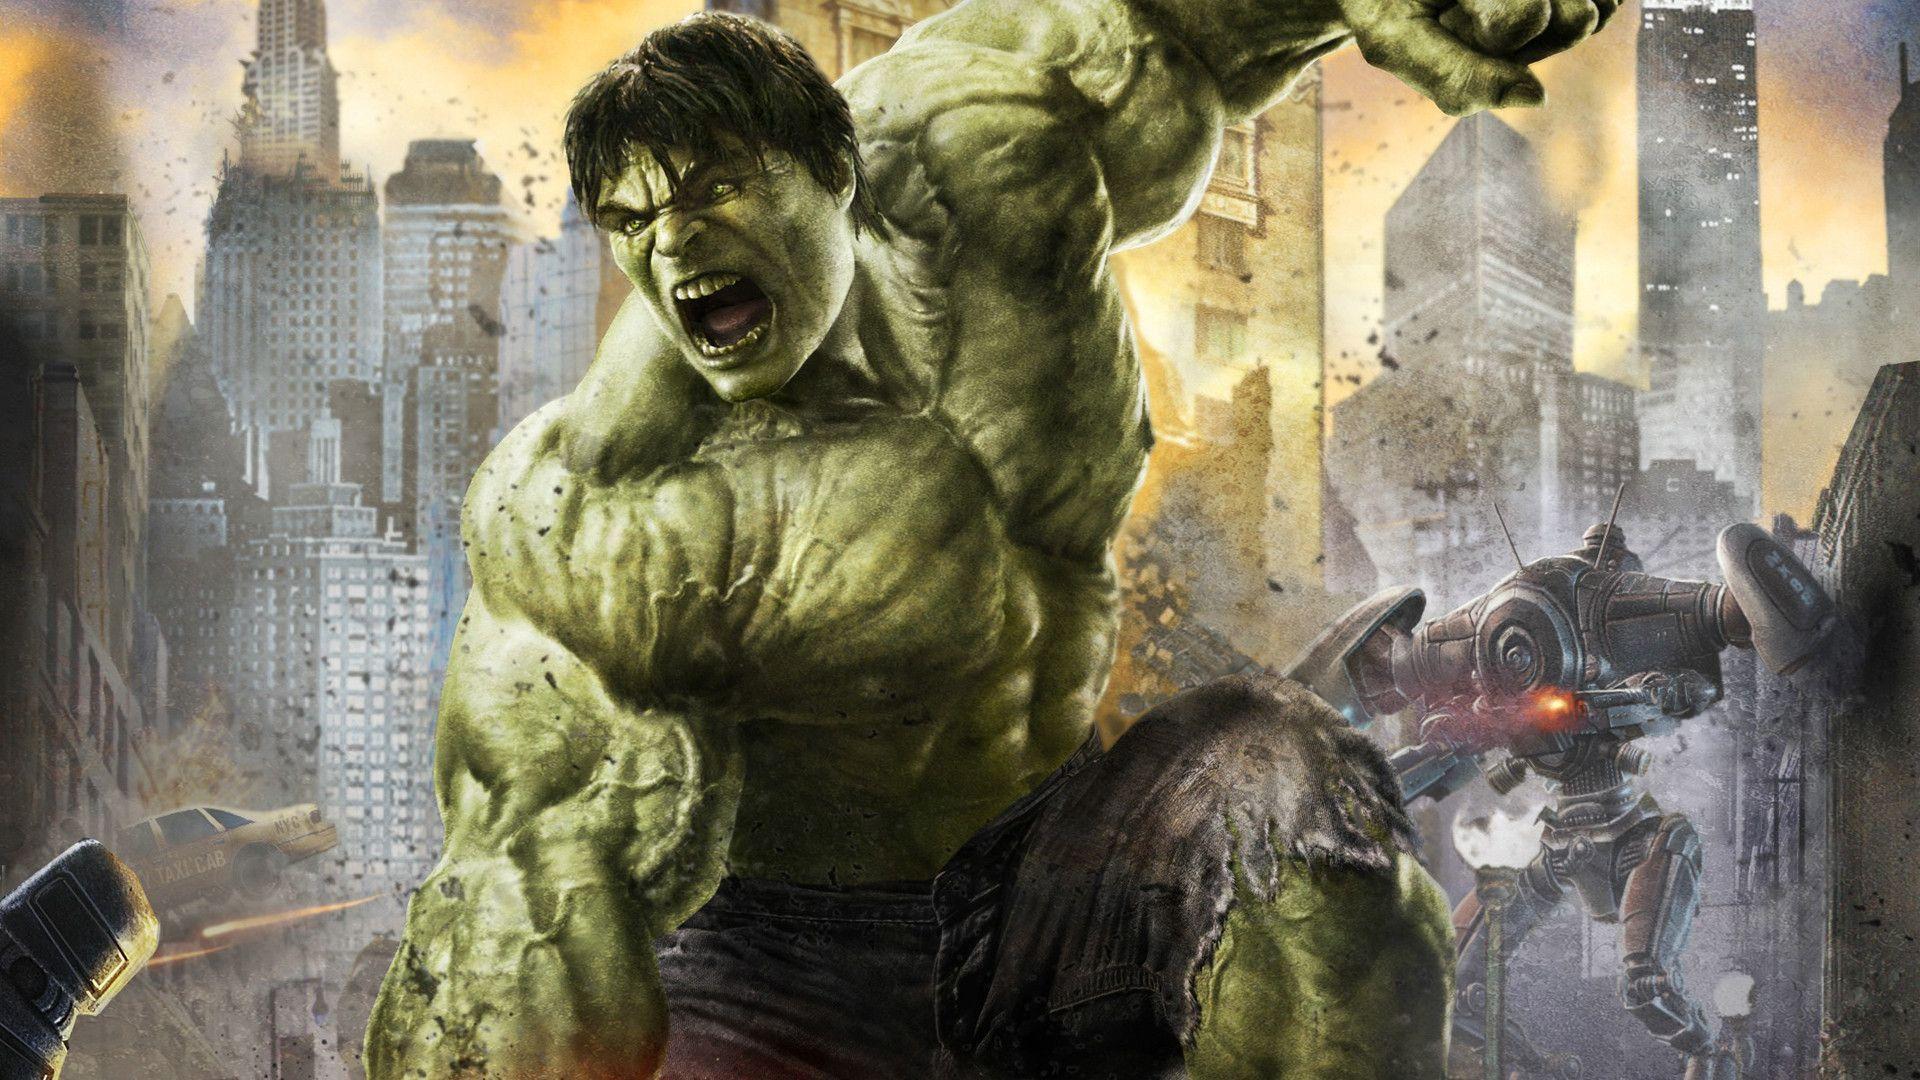 Incredible Hulk Game Wii Wallpaper | Superhero Wallpapers